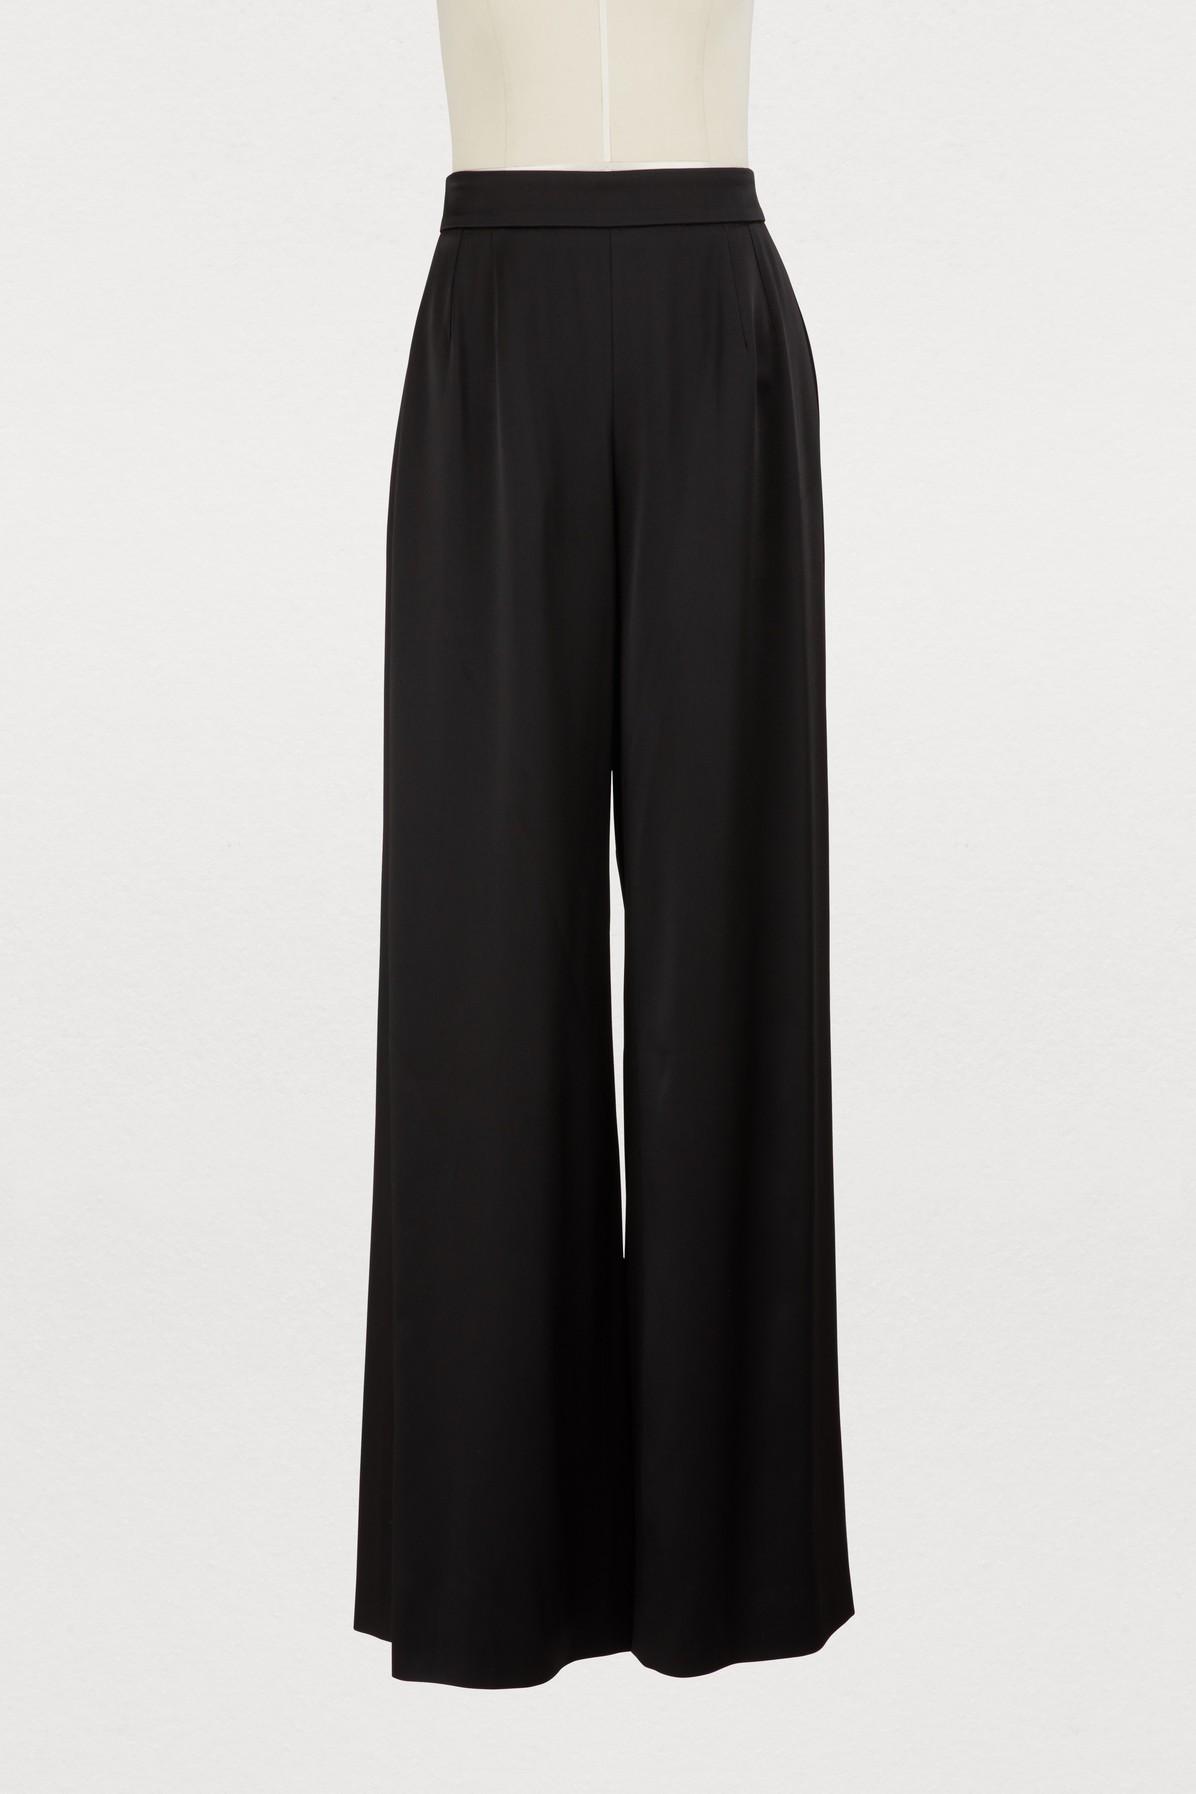 Pantalon avec bandes en satin